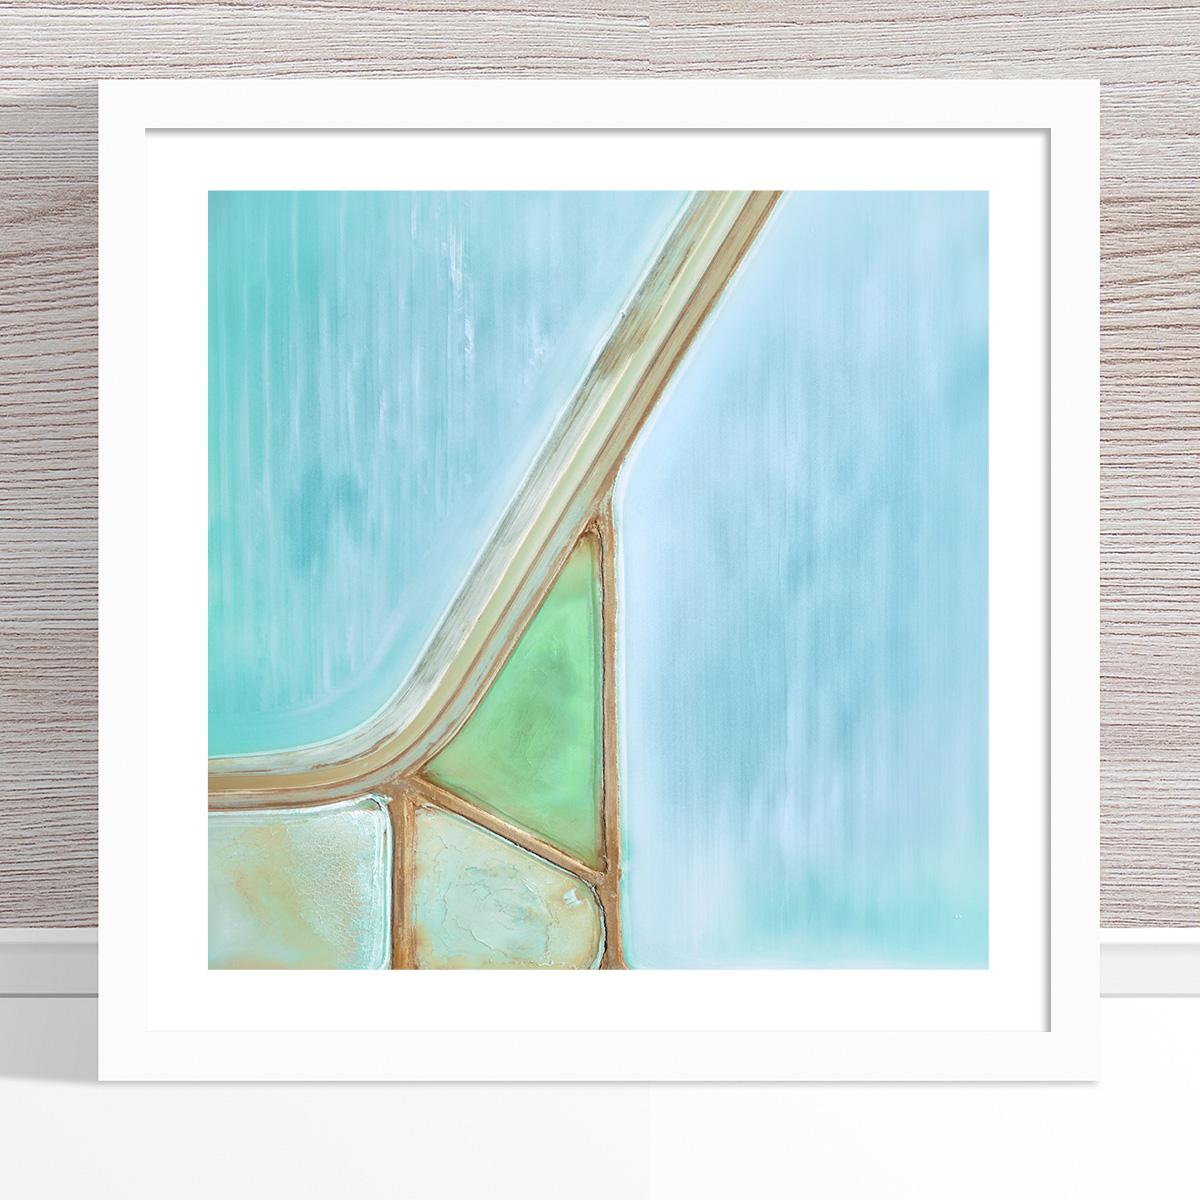 Chris Saunders - 'Aerial Salt 028' White Frame